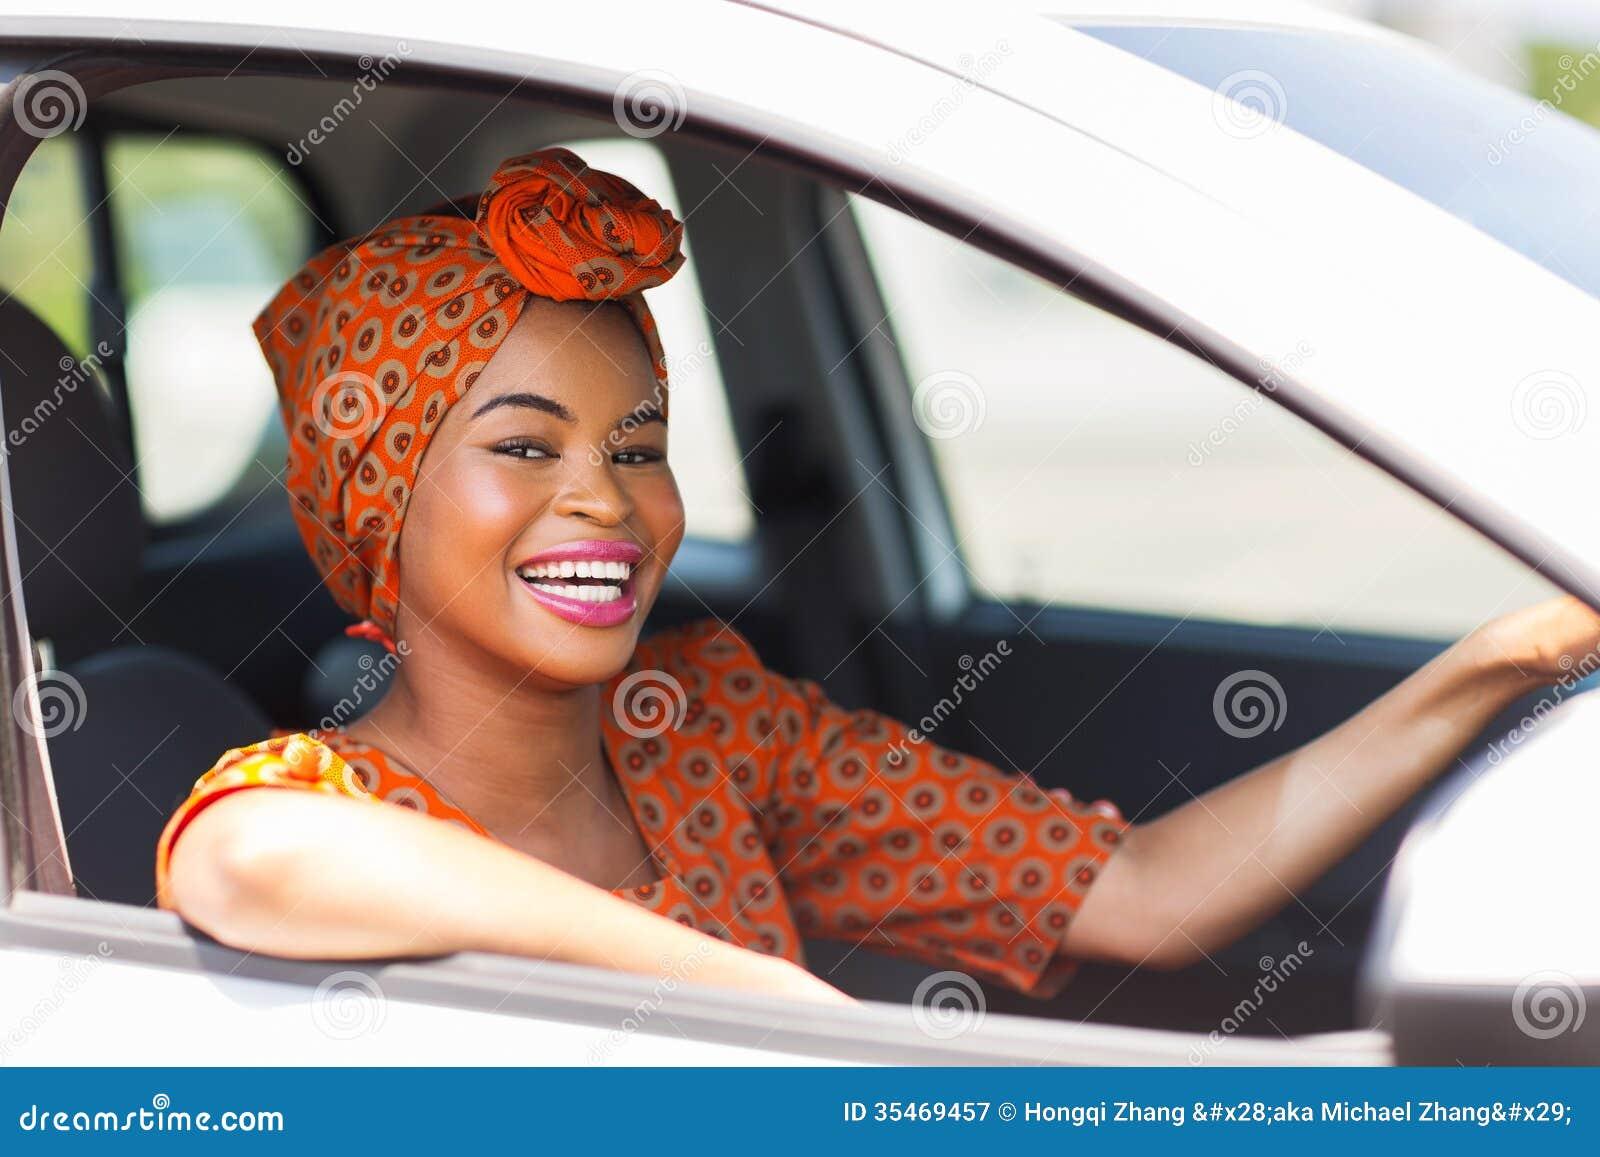 voiture africaine de femme image stock image du beau 35469457. Black Bedroom Furniture Sets. Home Design Ideas